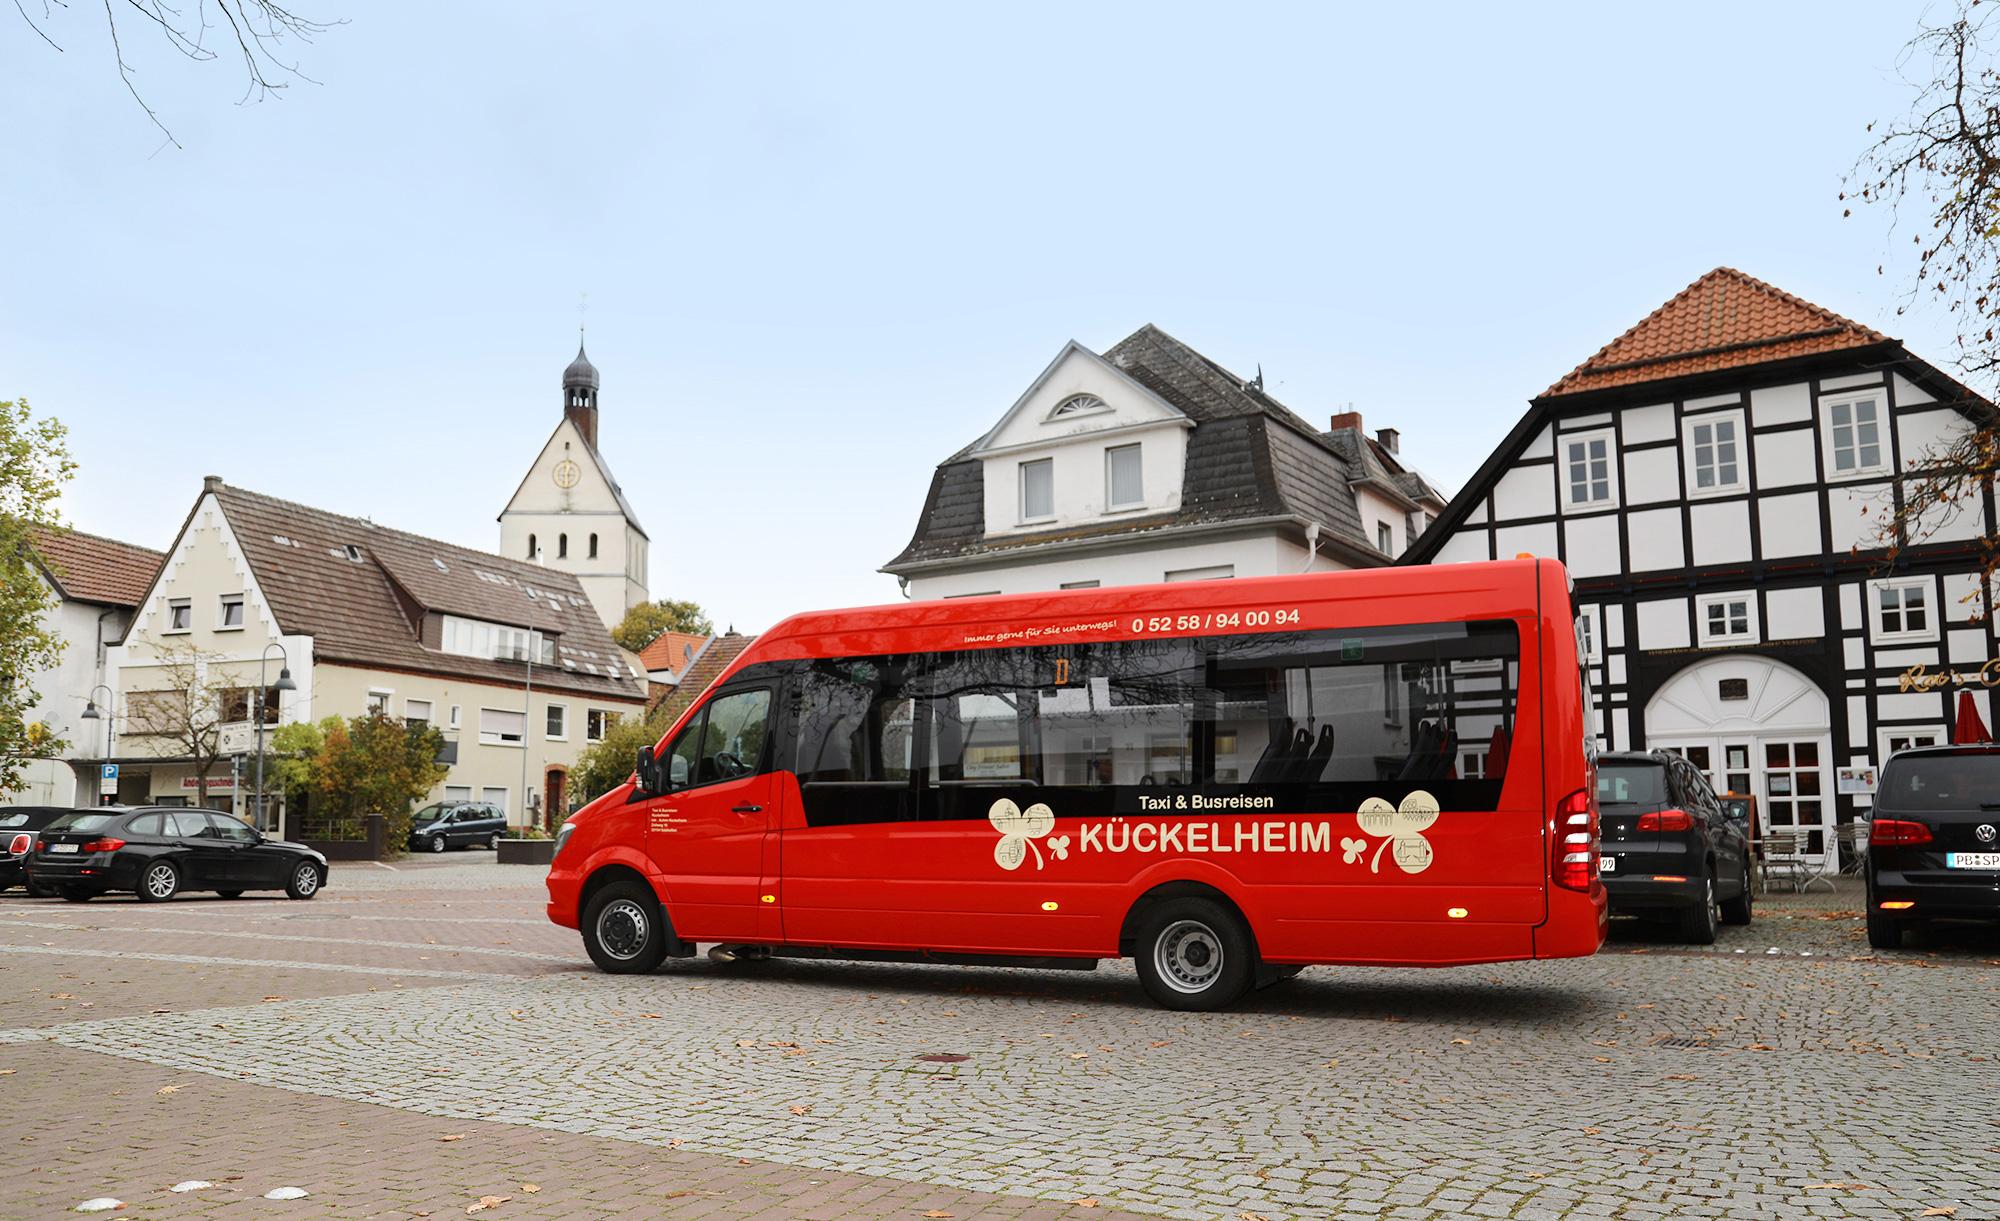 Nahverkehr in Salzkotten - Taxi & Busreisen Kückelheim